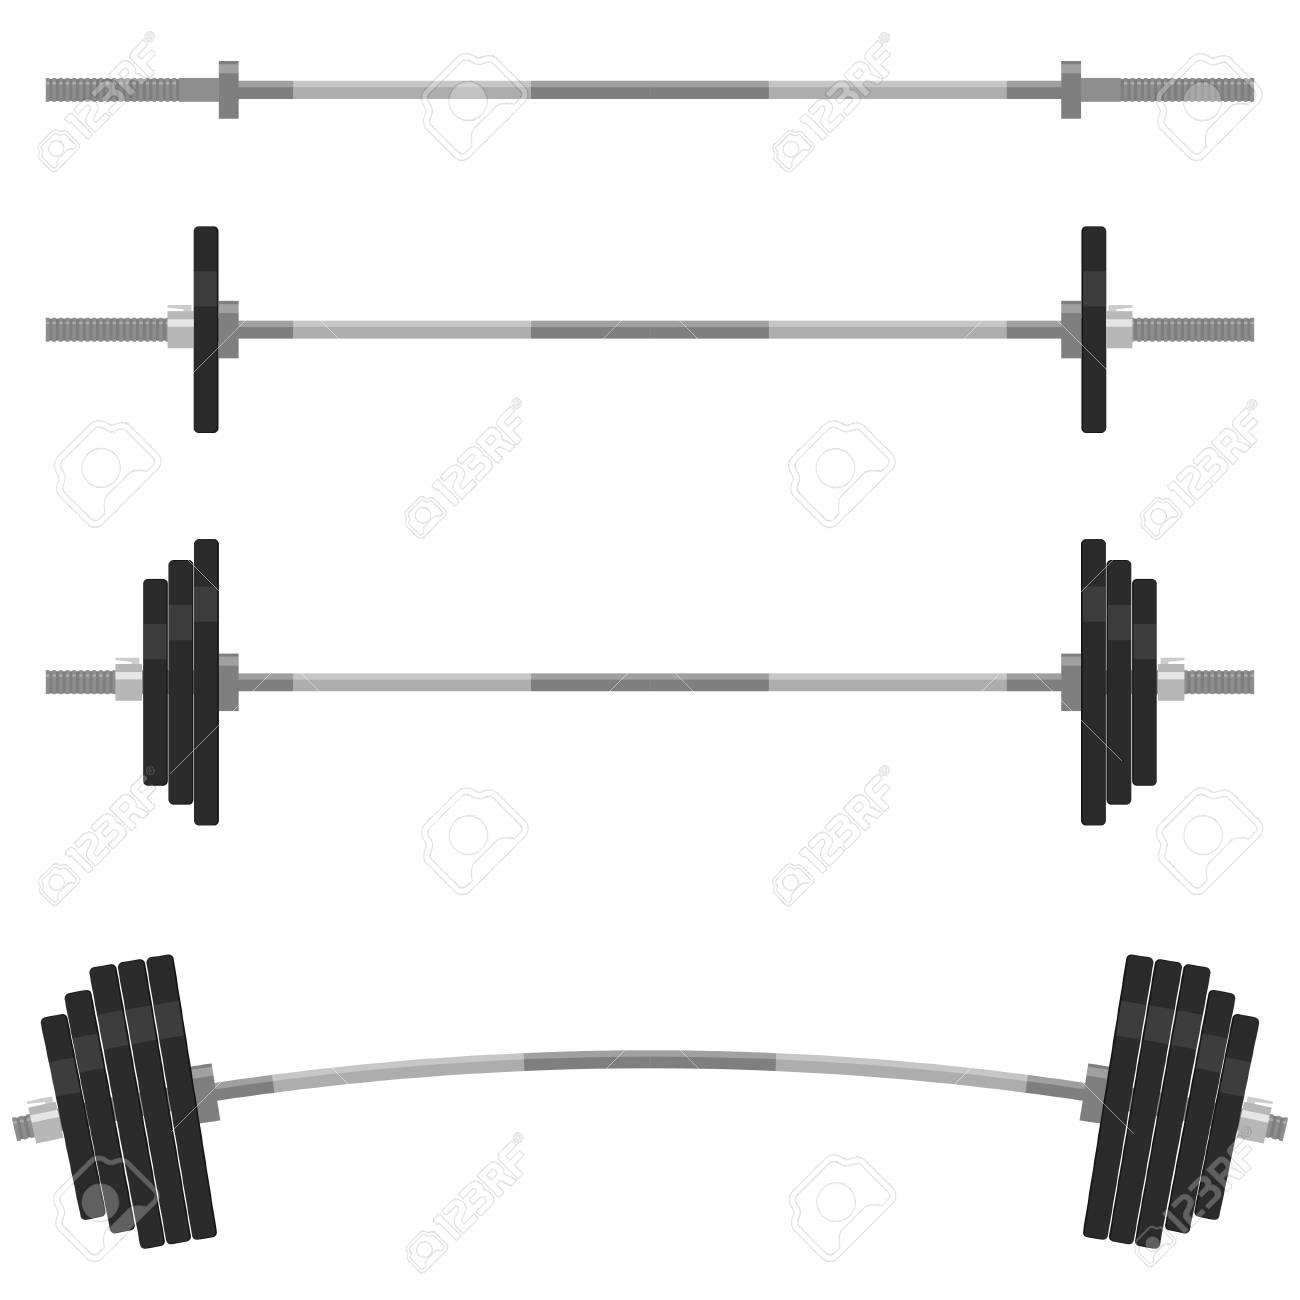 el levantamiento de pesas del juego